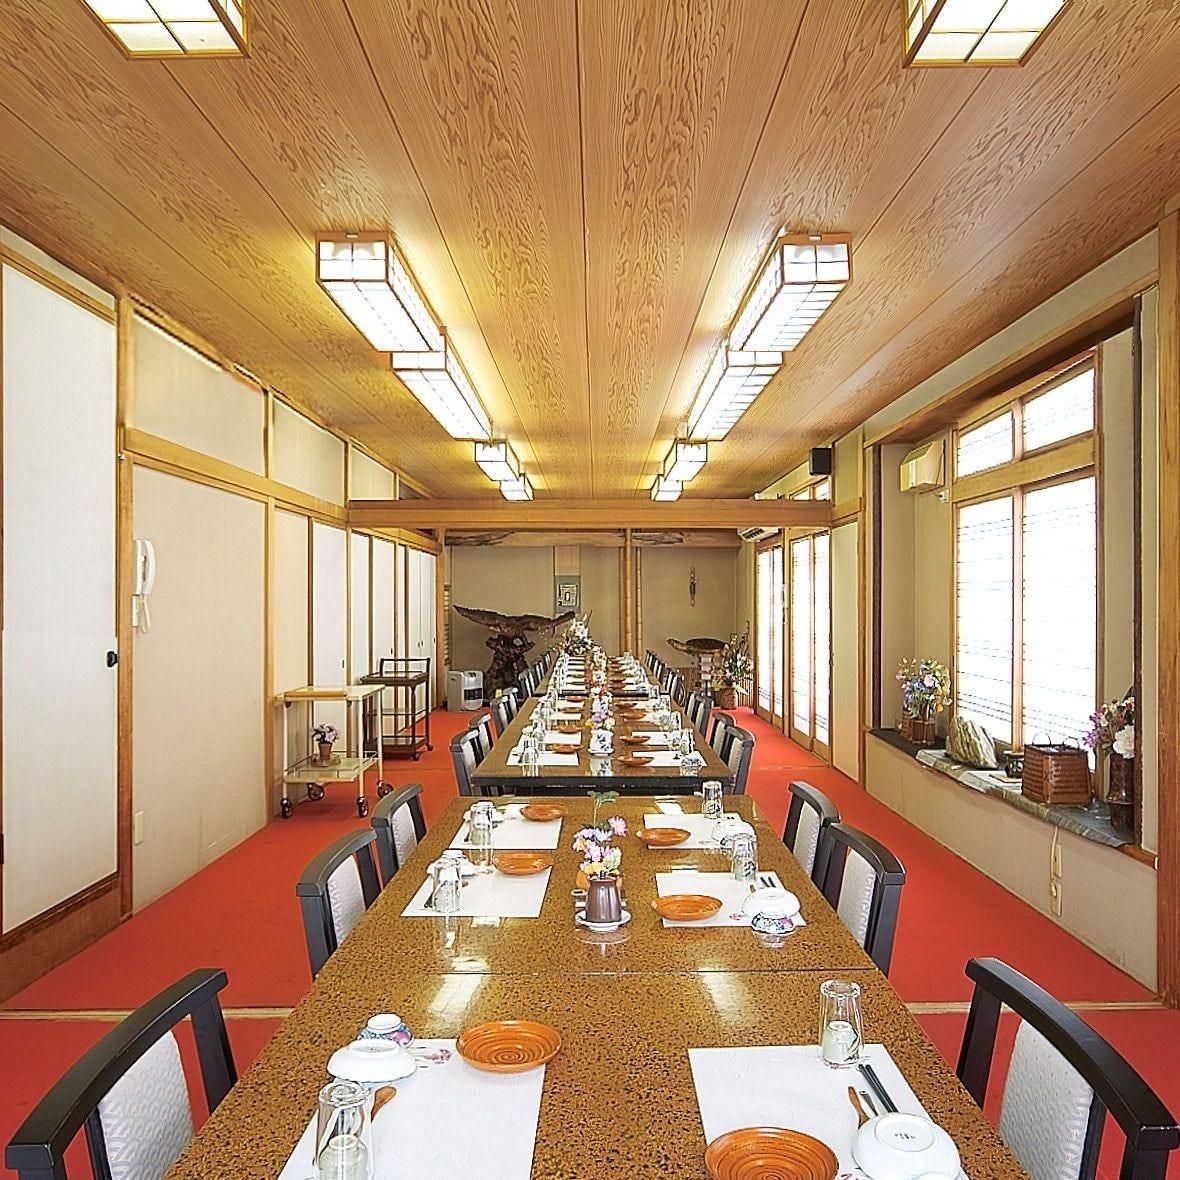 テーブル席・完全個室(壁・扉あり)・53名様まで